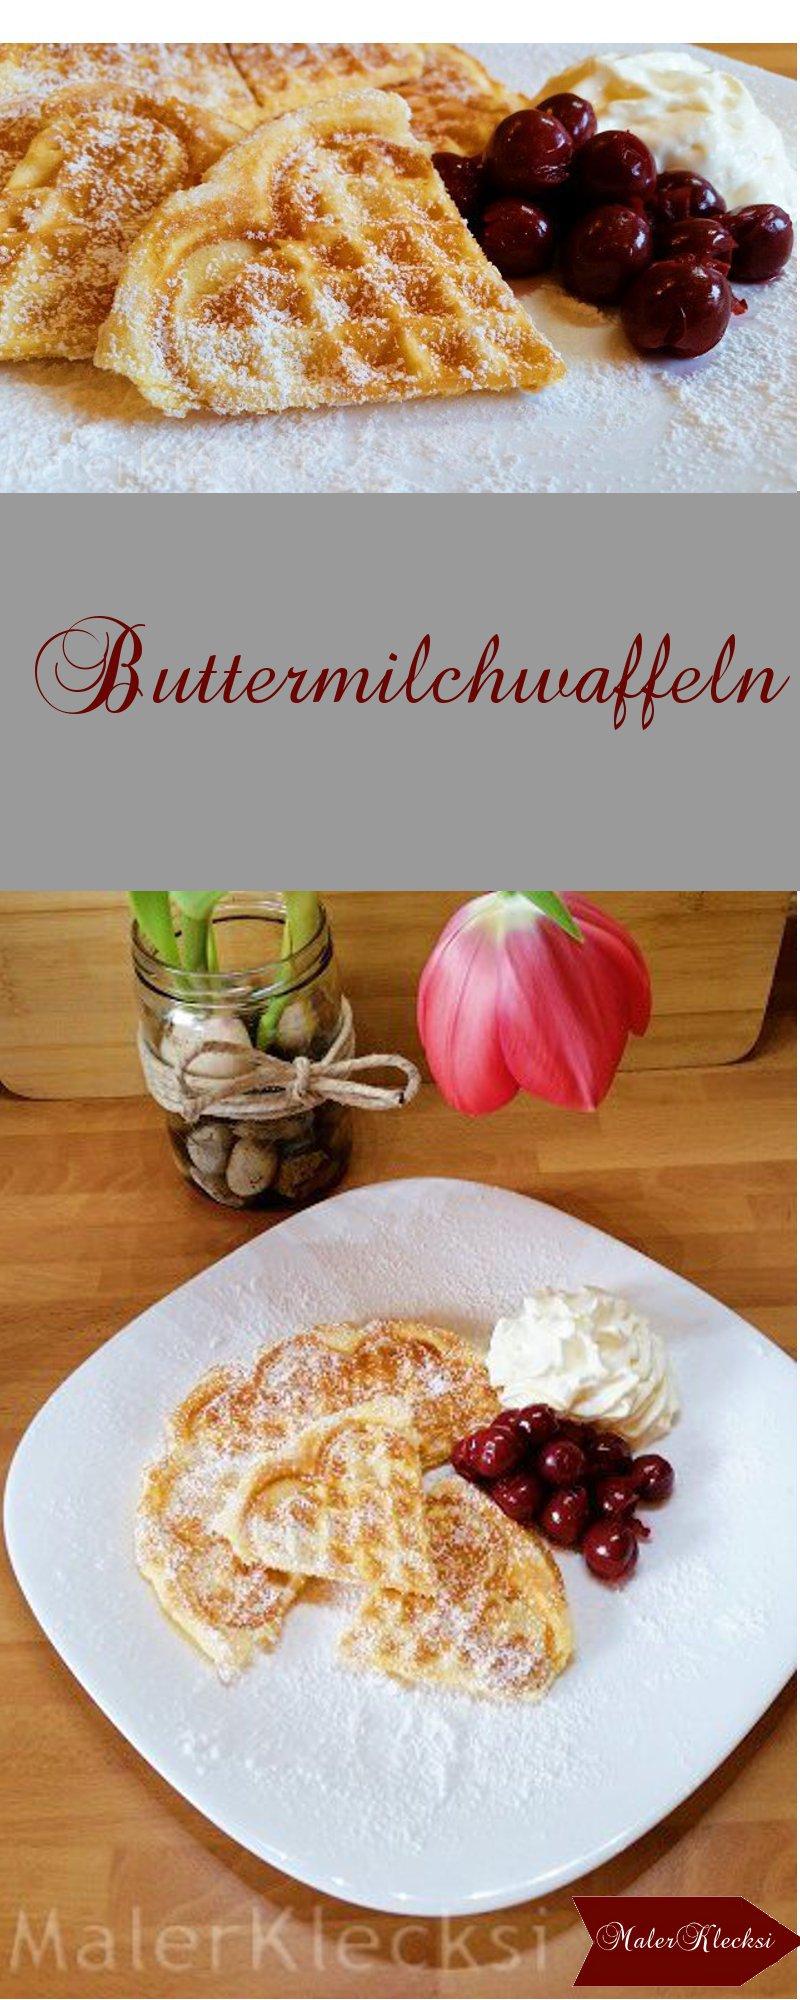 Buttermilchwaffeln